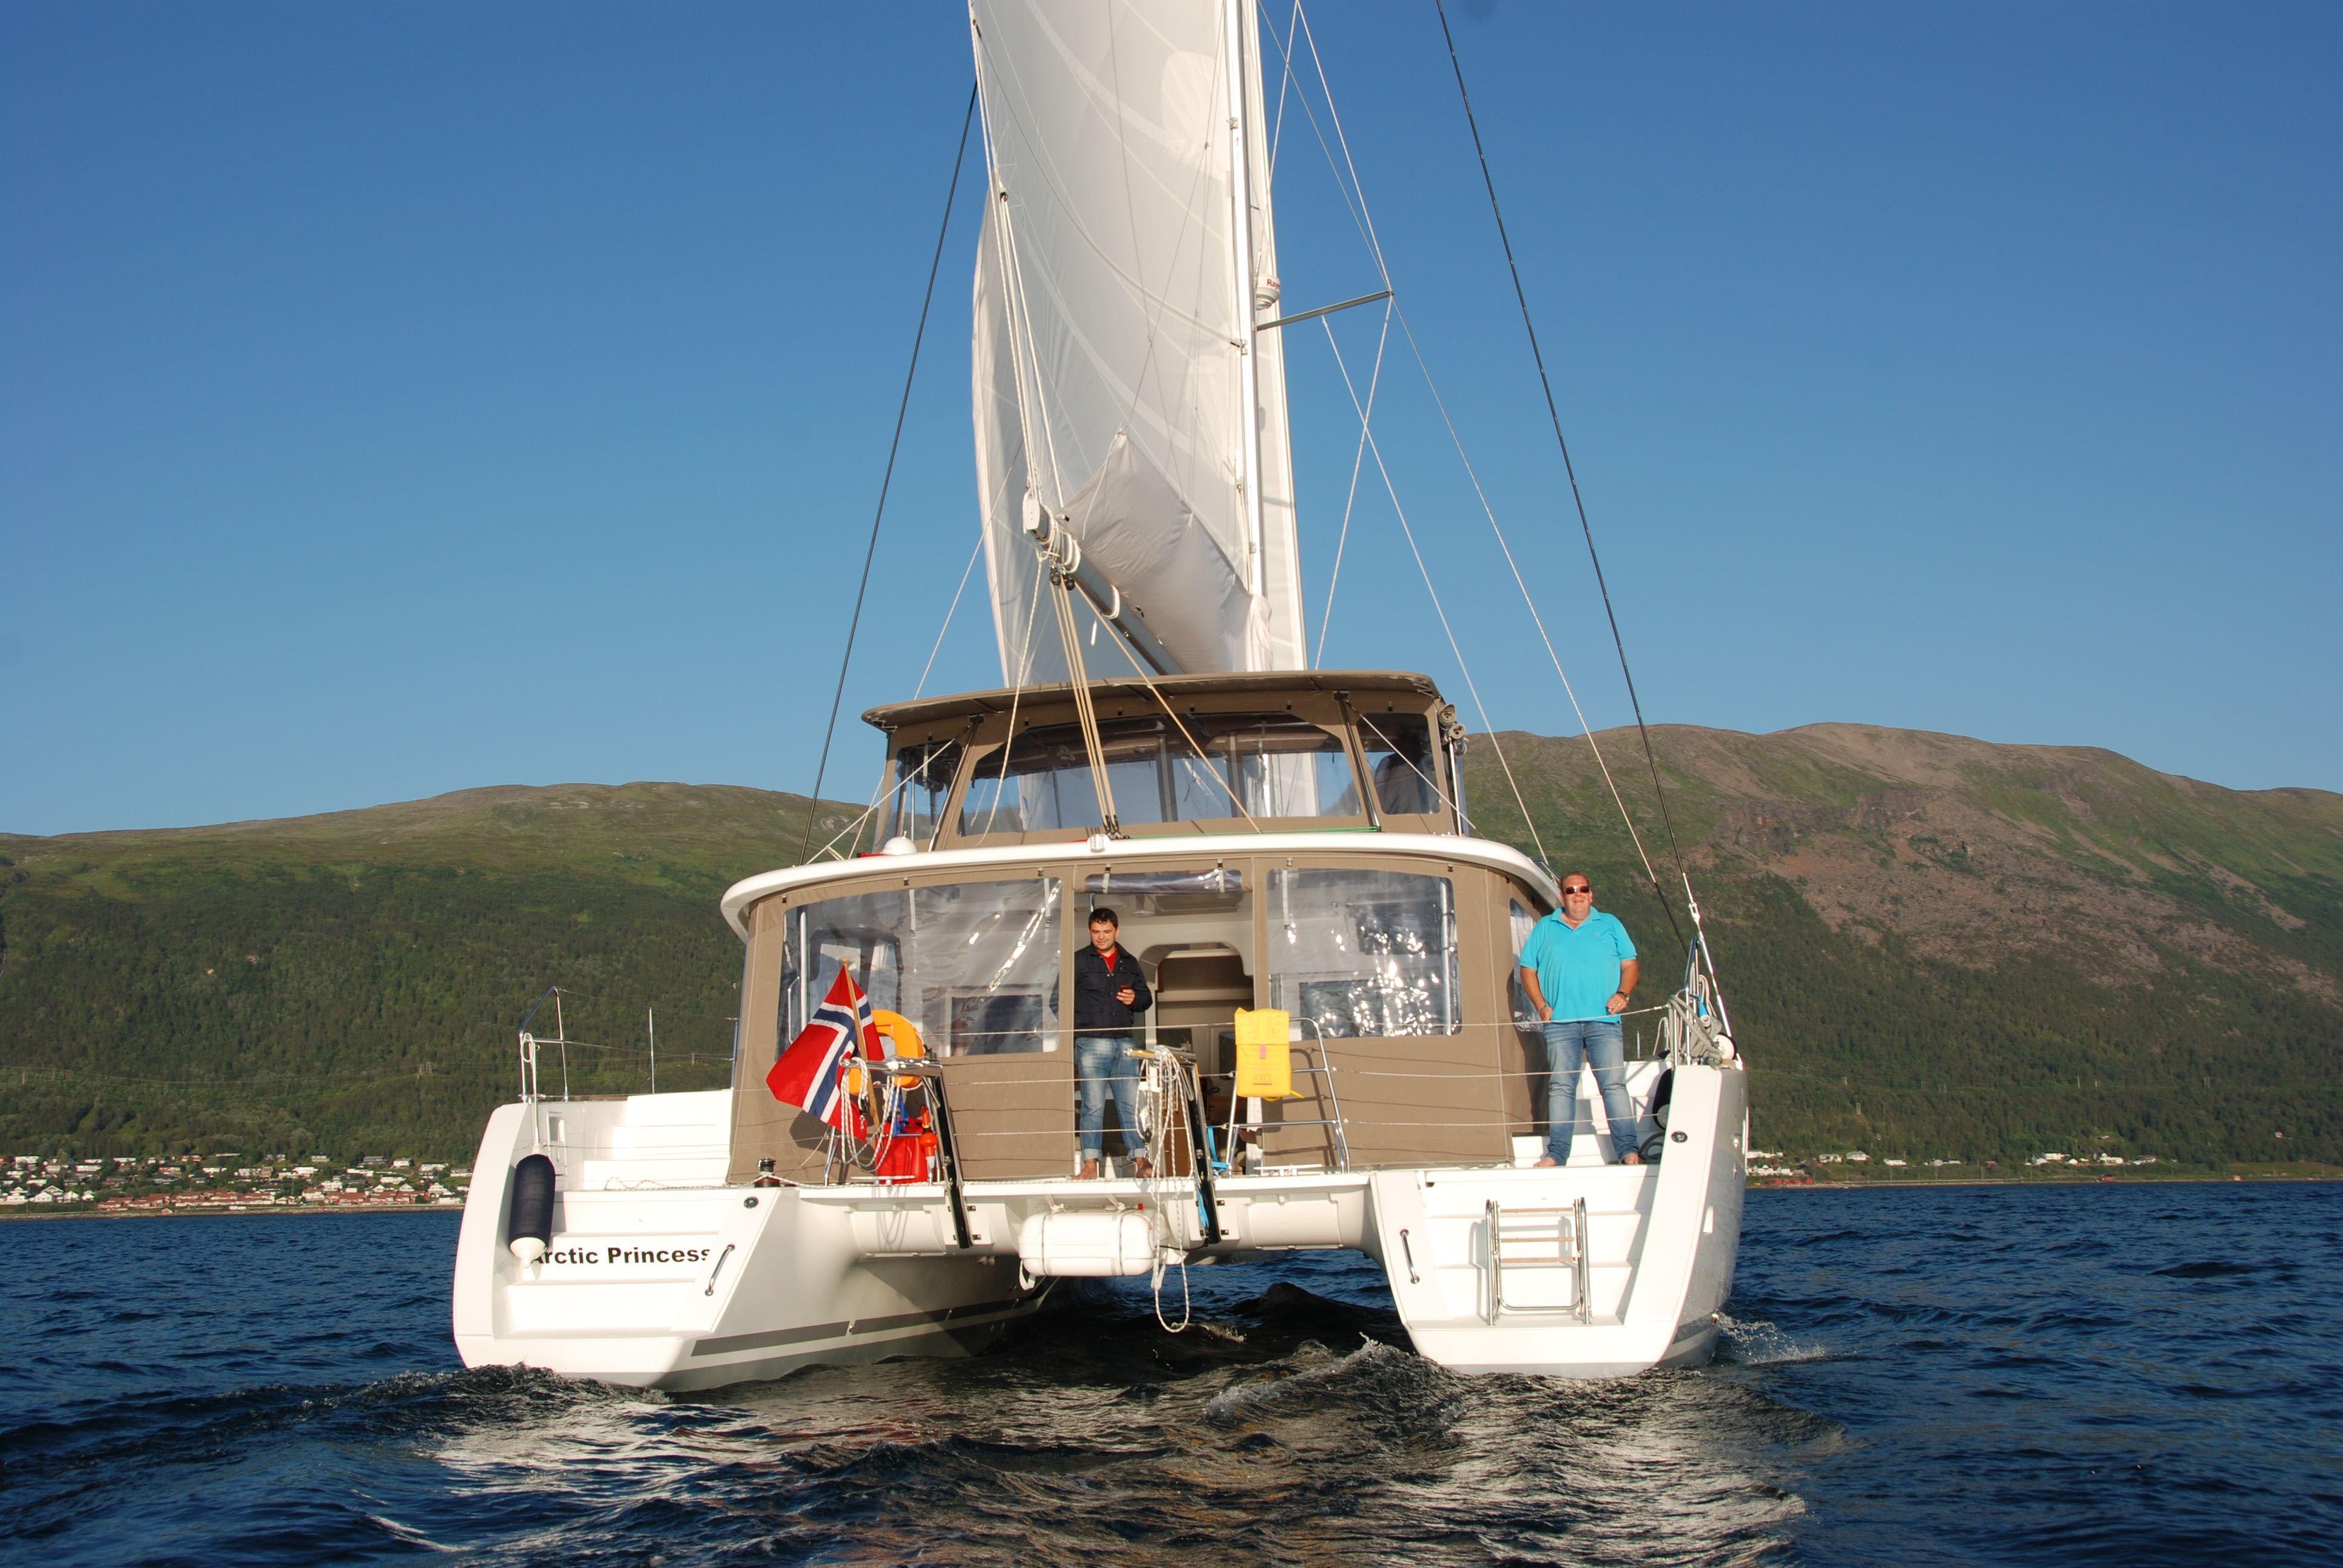 Fjord Cruise - Sailing tour in Tromso archipelago - Arctic Cruise in Norway